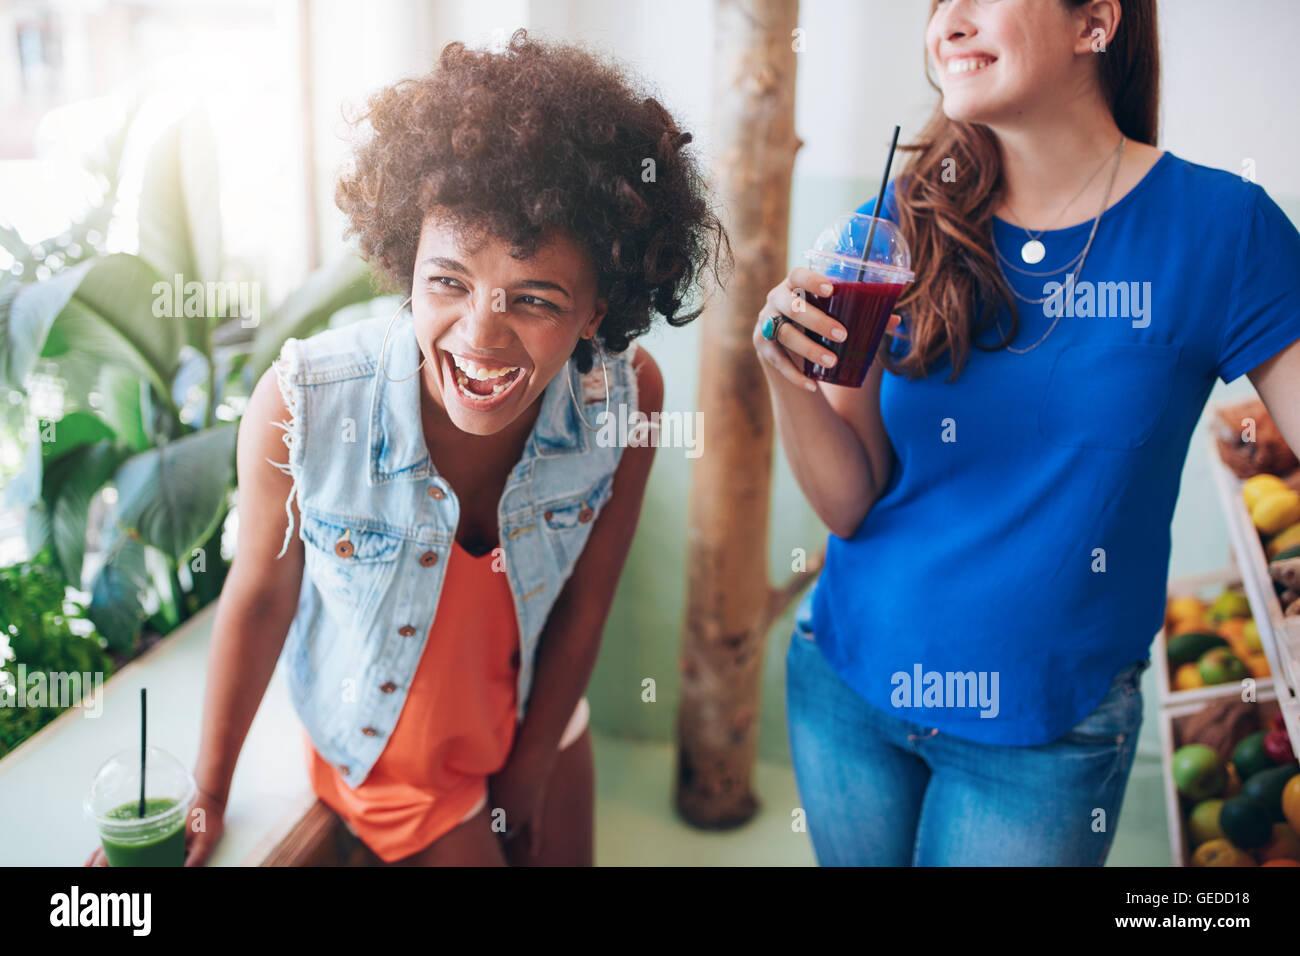 Porträt der fröhliche junge Frauen in Saft bar ein Glas frischen Saft. Freunde genießen eine Saftbar. Stockbild